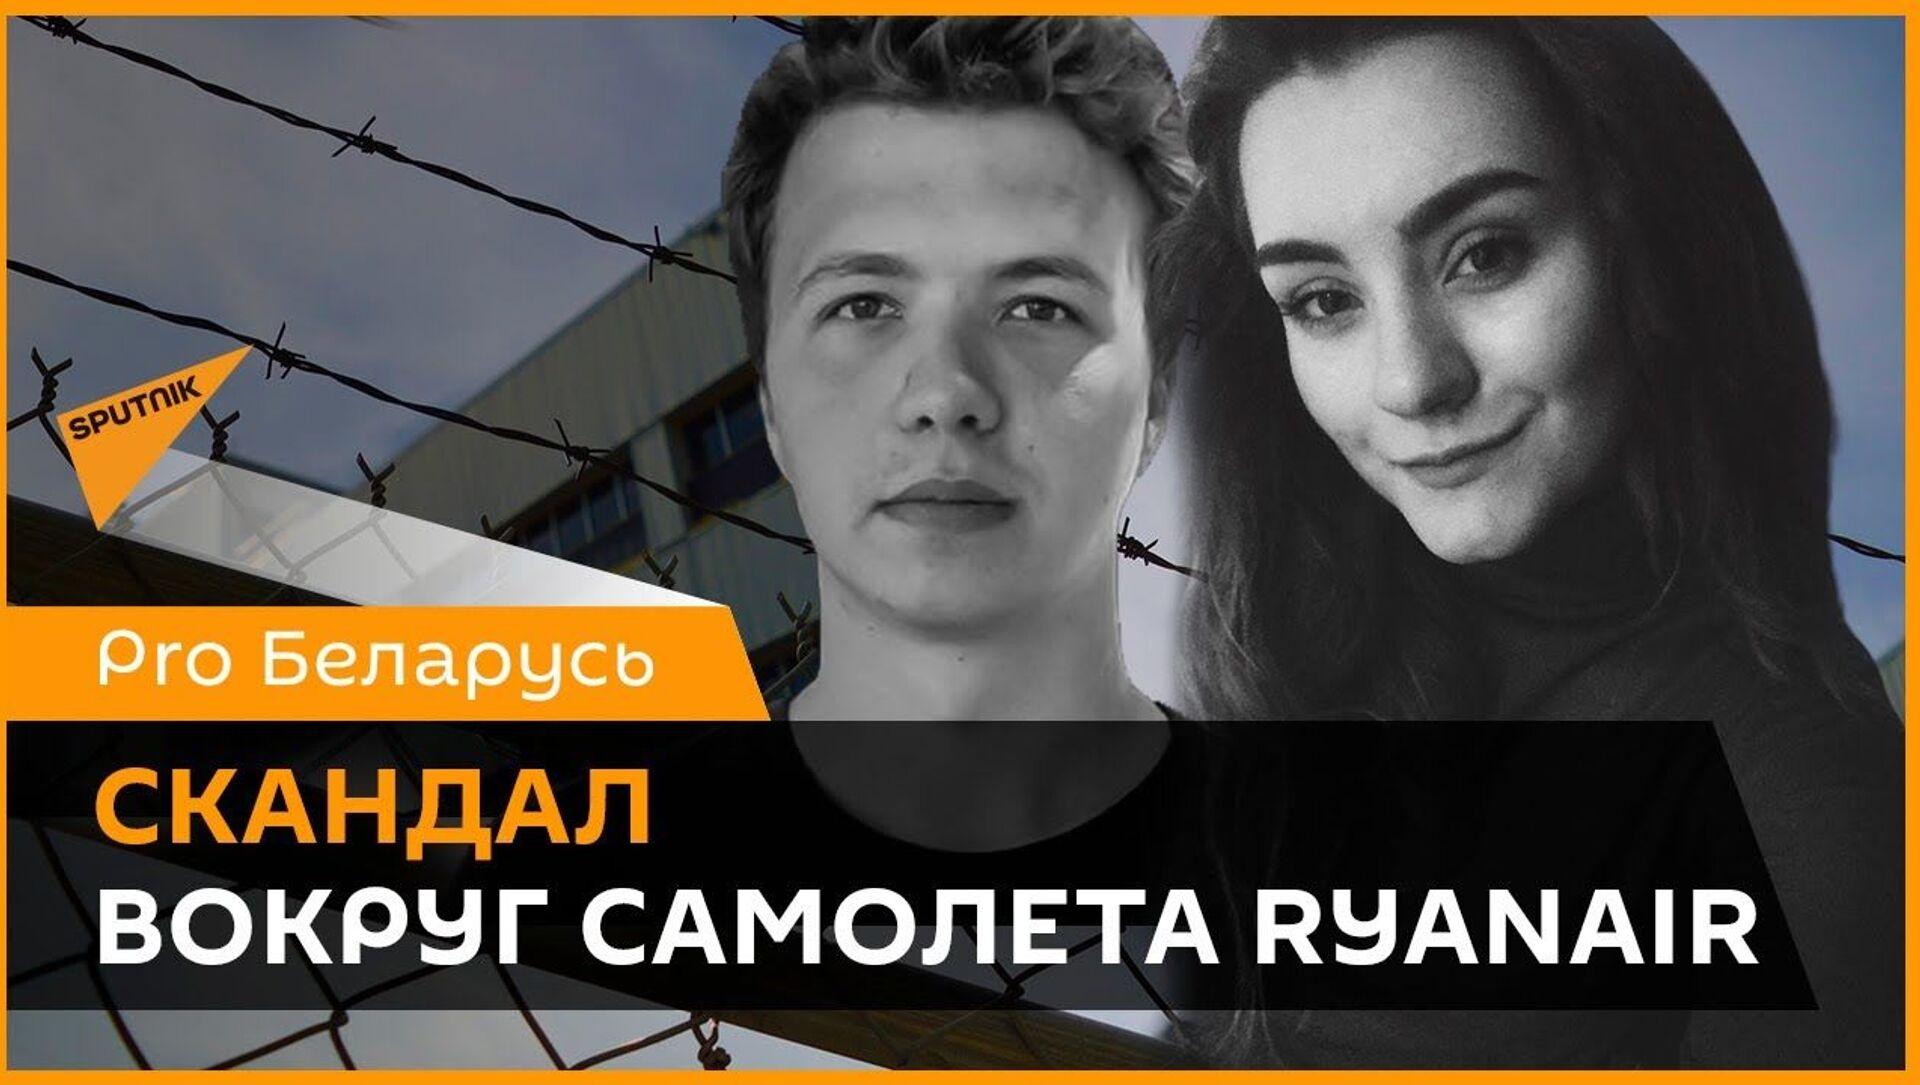 Протасевич и Сапега: что произошло после посадки самолета Ryanair? - Sputnik Latvija, 1920, 27.05.2021